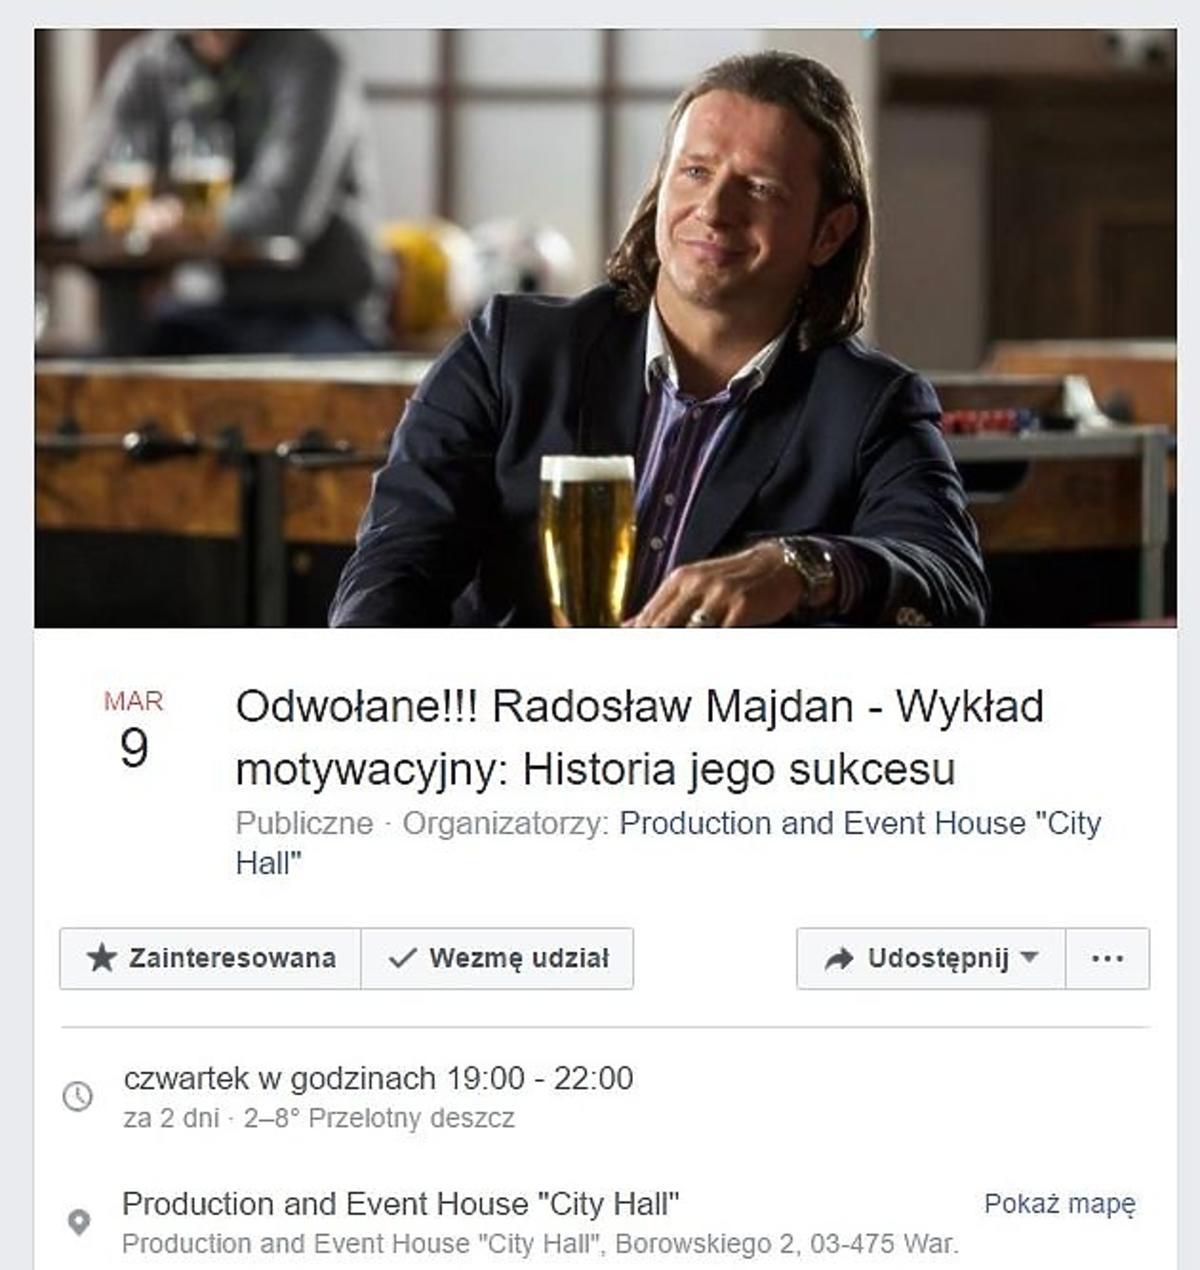 Radosław Majdan poprowadzi wykład motywacyjny?